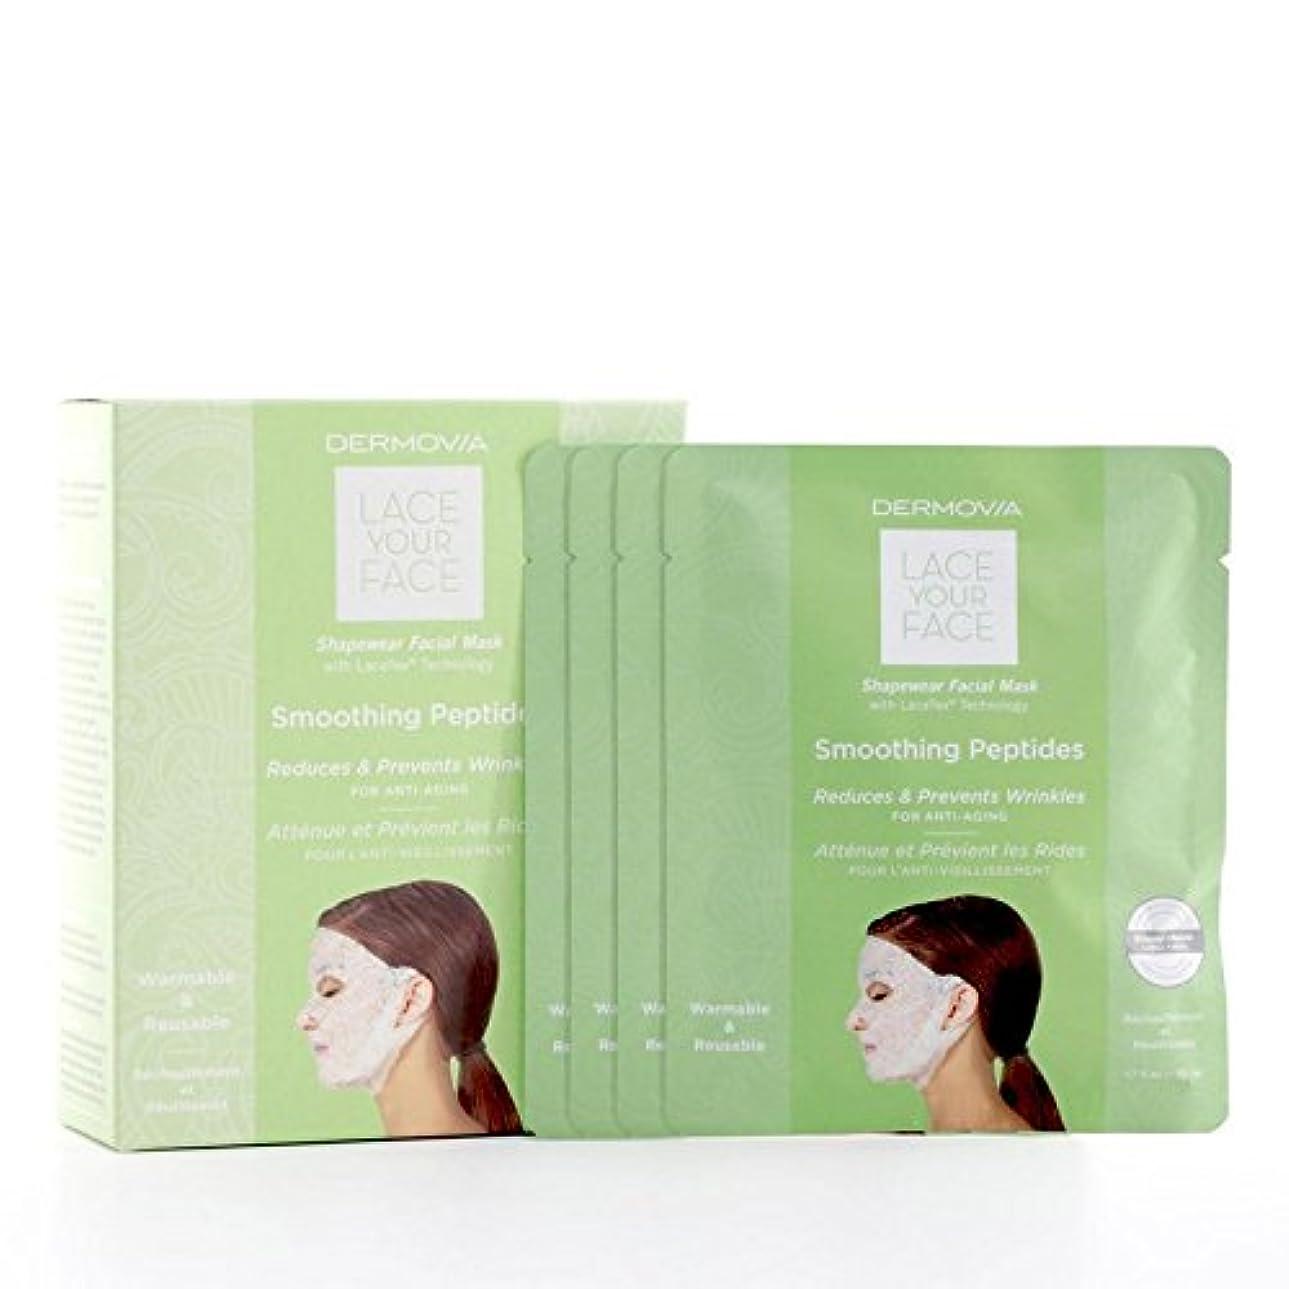 クライストチャーチ少し計画Dermovia Lace Your Face Compression Facial Mask Smoothing Peptides - は、あなたの顔の圧縮フェイシャルマスク平滑化ペプチドをひもで締めます [並行輸入品]